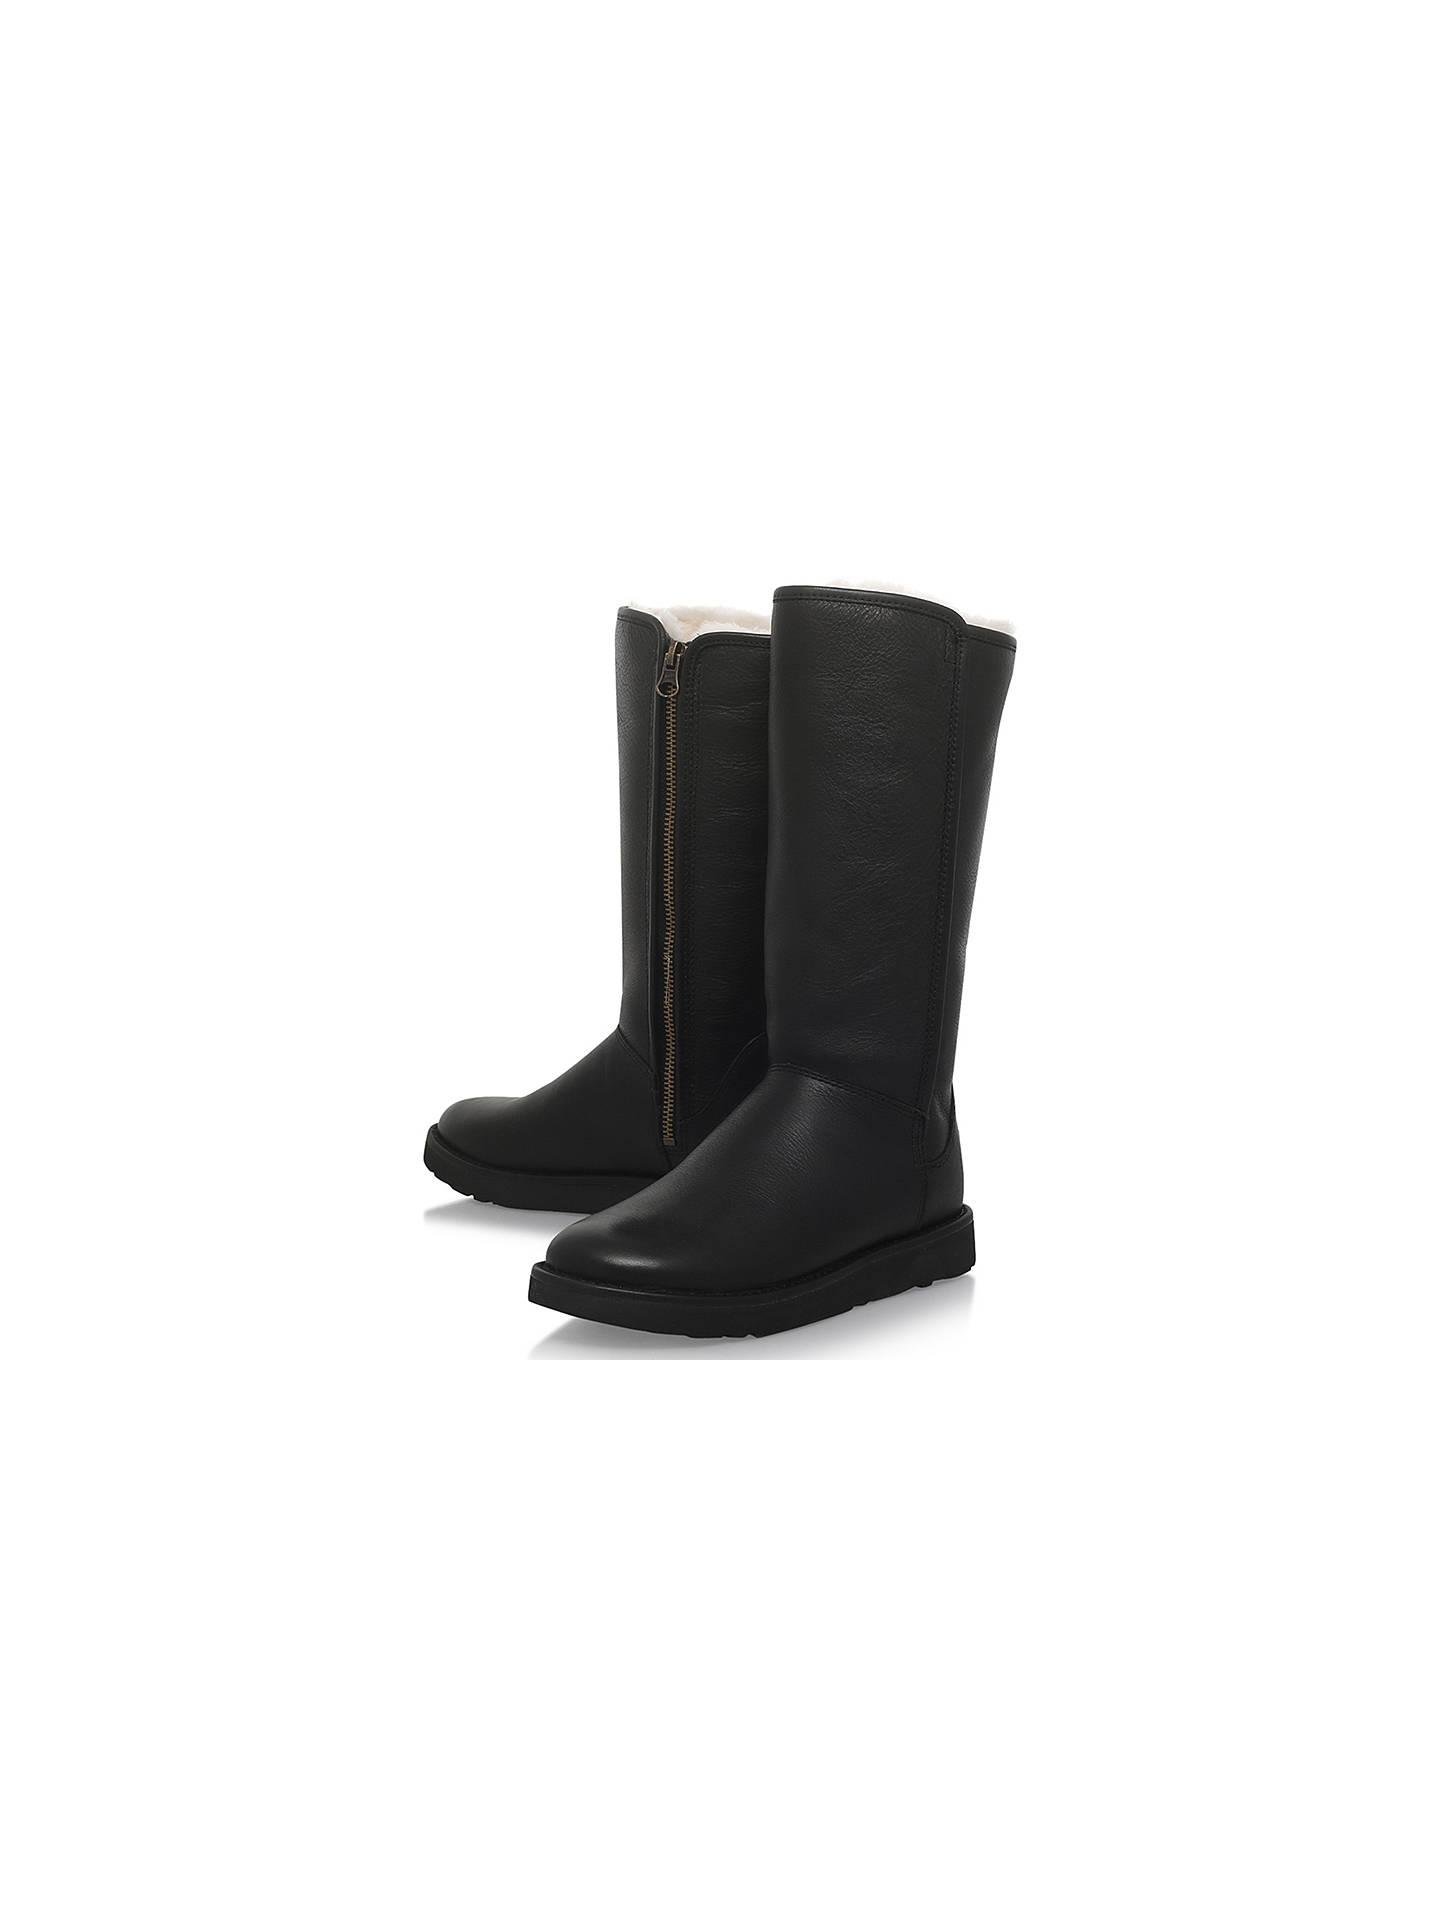 af3fa5c2c6c UGG Abree II Knee High Boots, Black at John Lewis & Partners